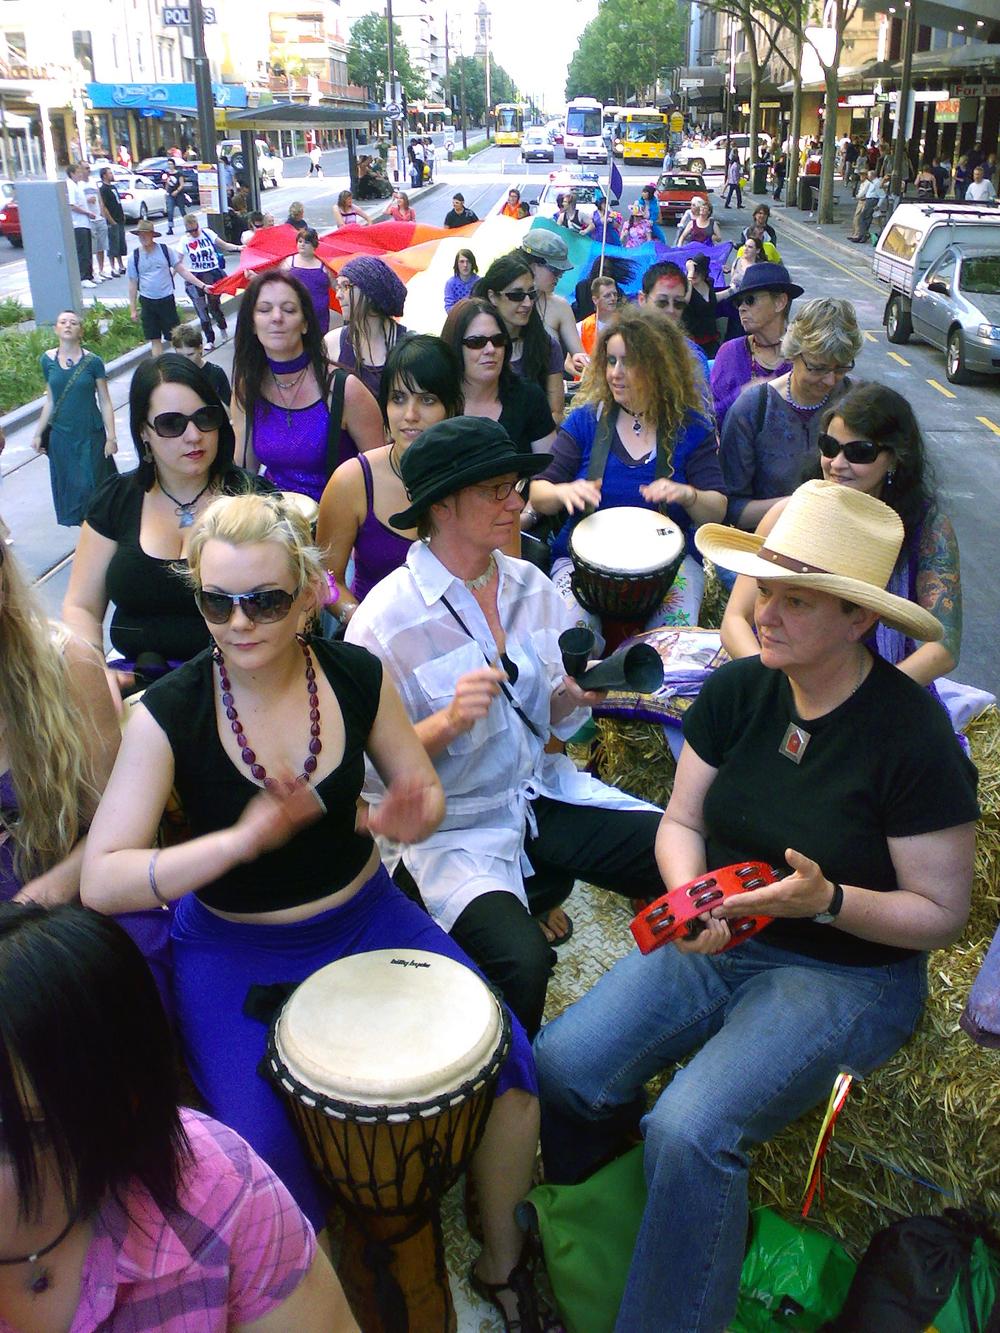 Drumming Wkshp - Pride Pde.jpg